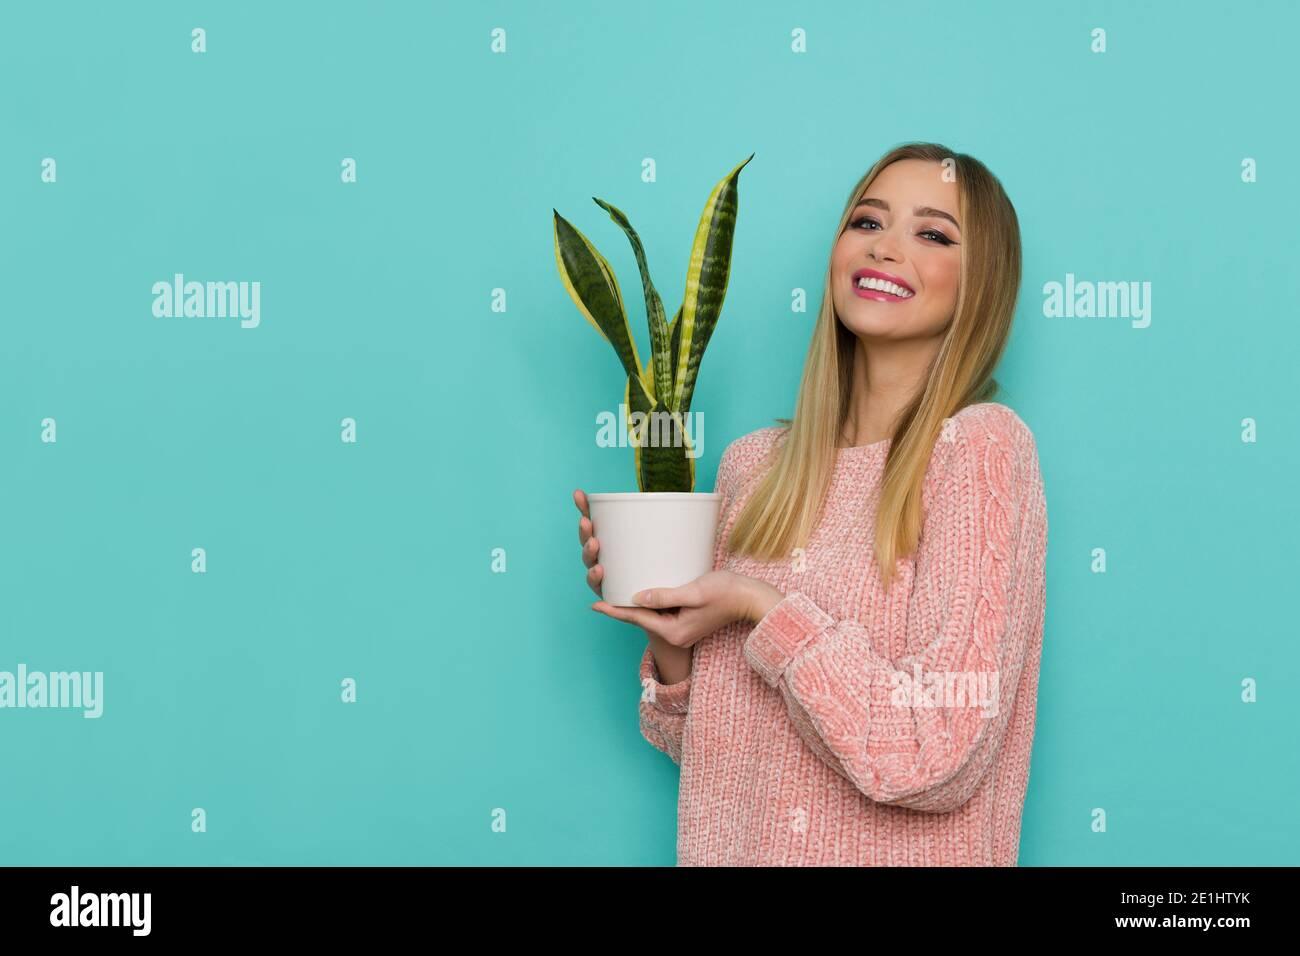 Souriant belle jeune femme en chandail rose pose avec une plante dans pot blanc. Taille haute studio tourné sur fond turquoise. Banque D'Images